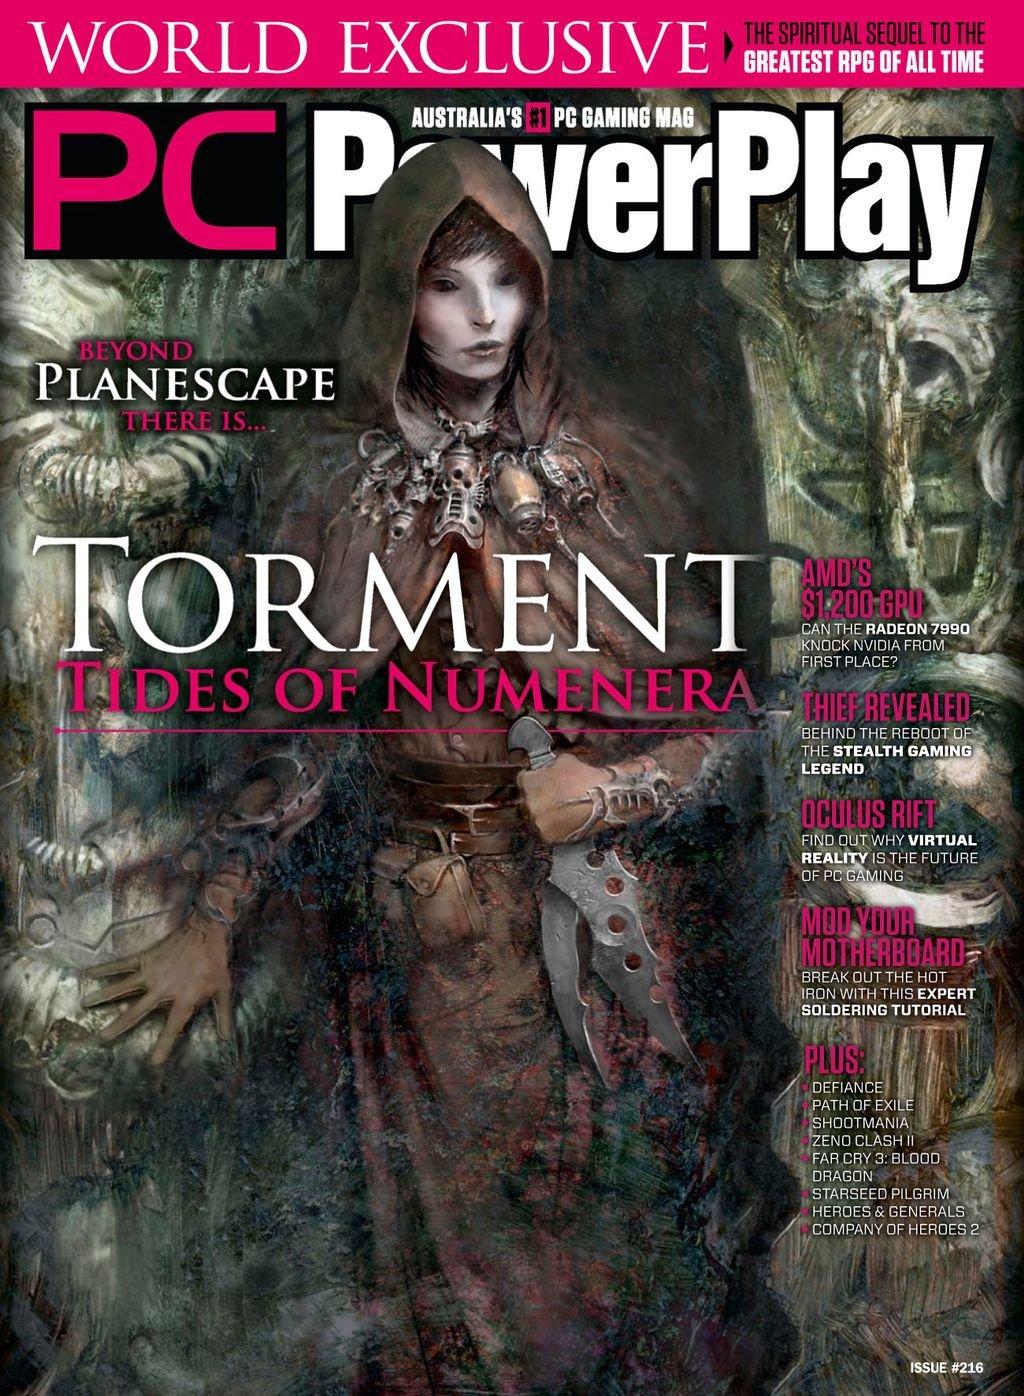 PC Powerplay 216 (June 2013)